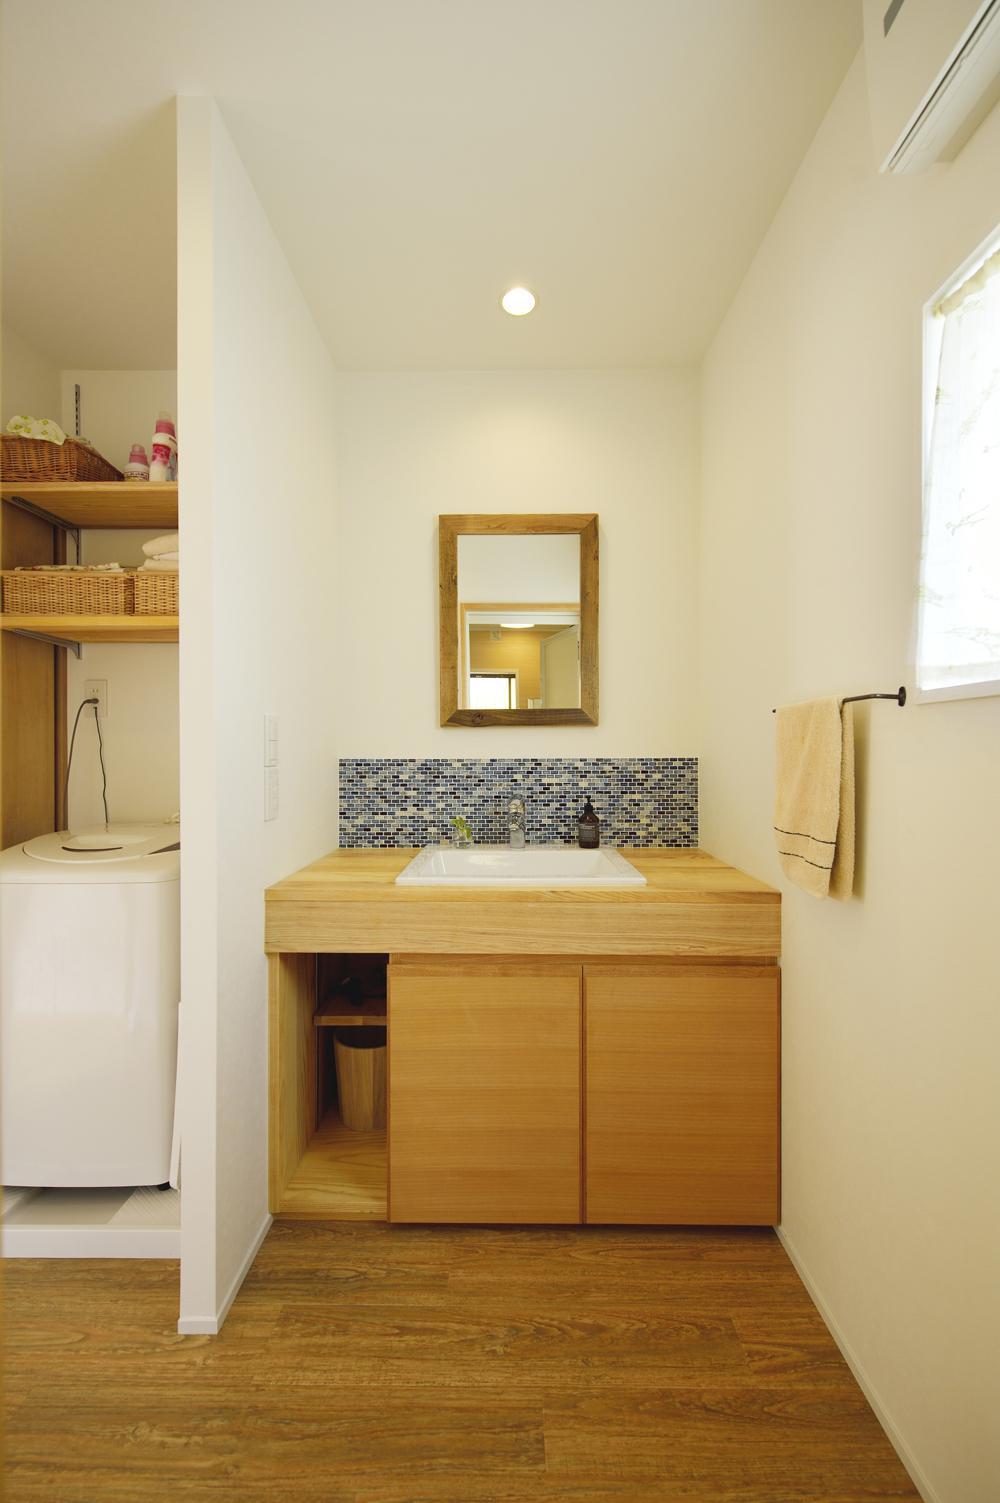 S邸・「解放感!」吹き抜けのある家の部屋 ブルータイルがアクセントの洗面スペース